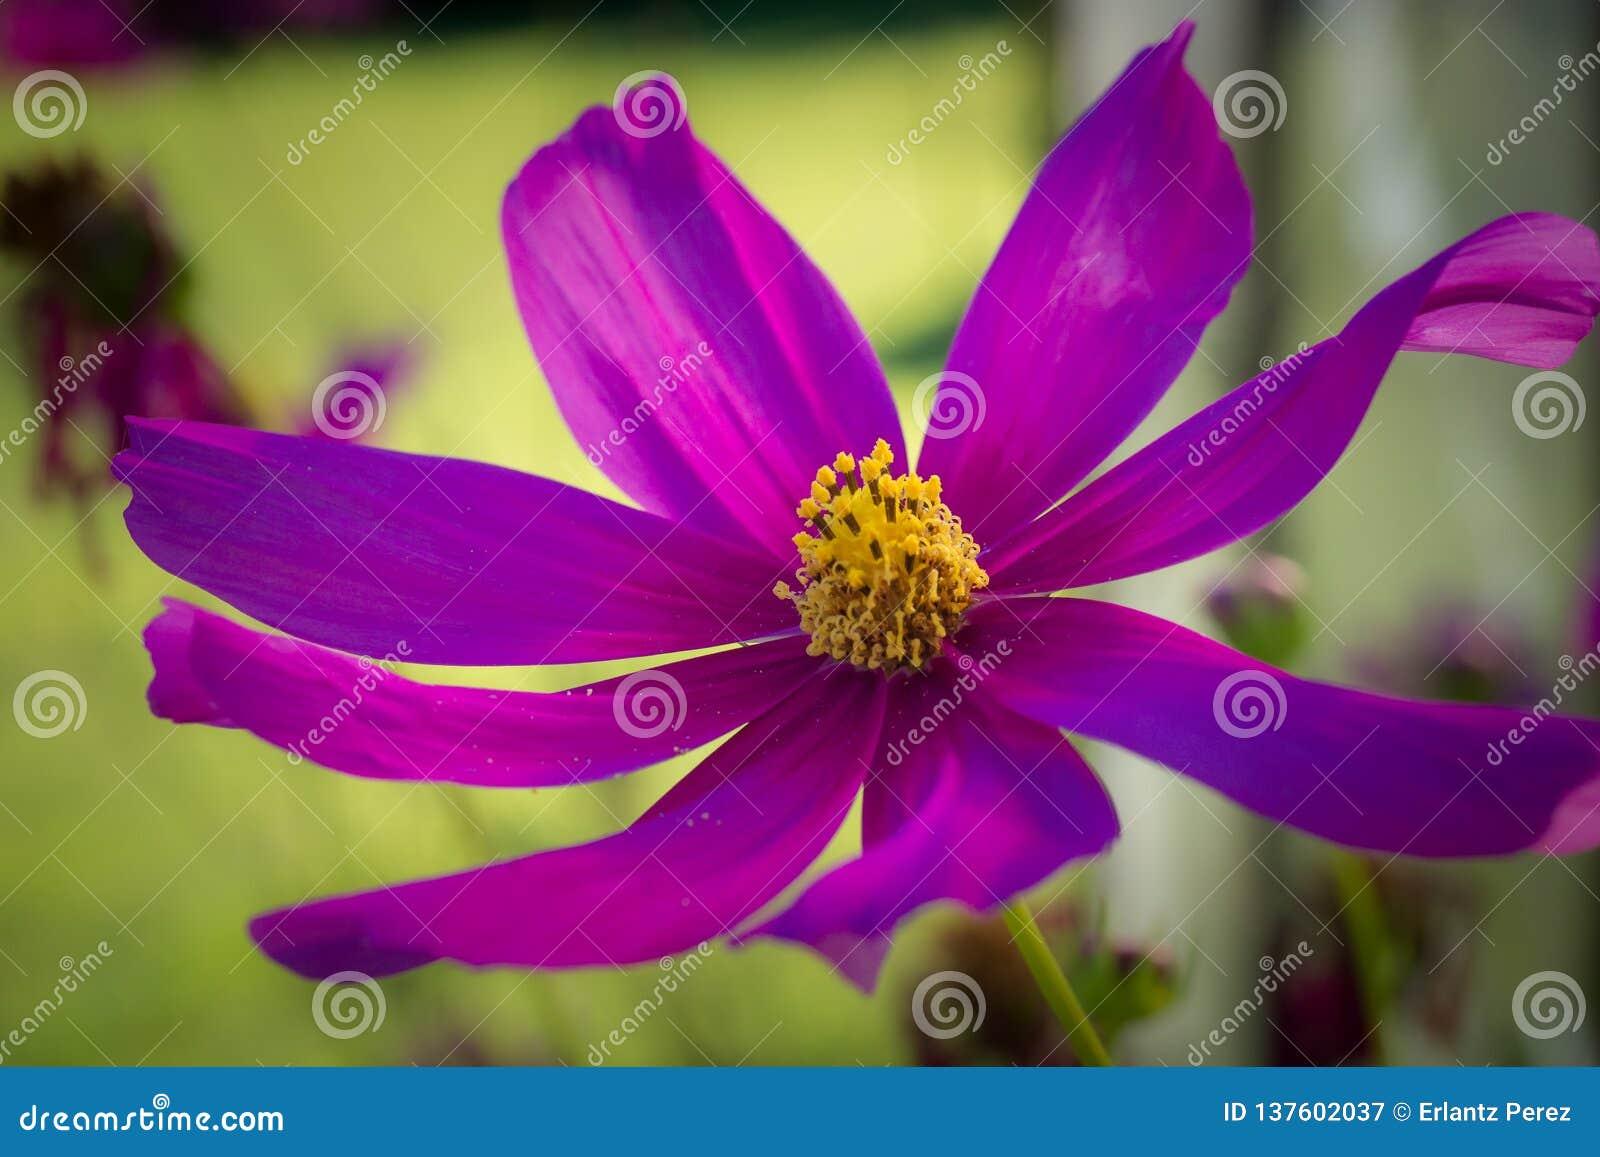 Nahes Detail einer purpurroten Blume